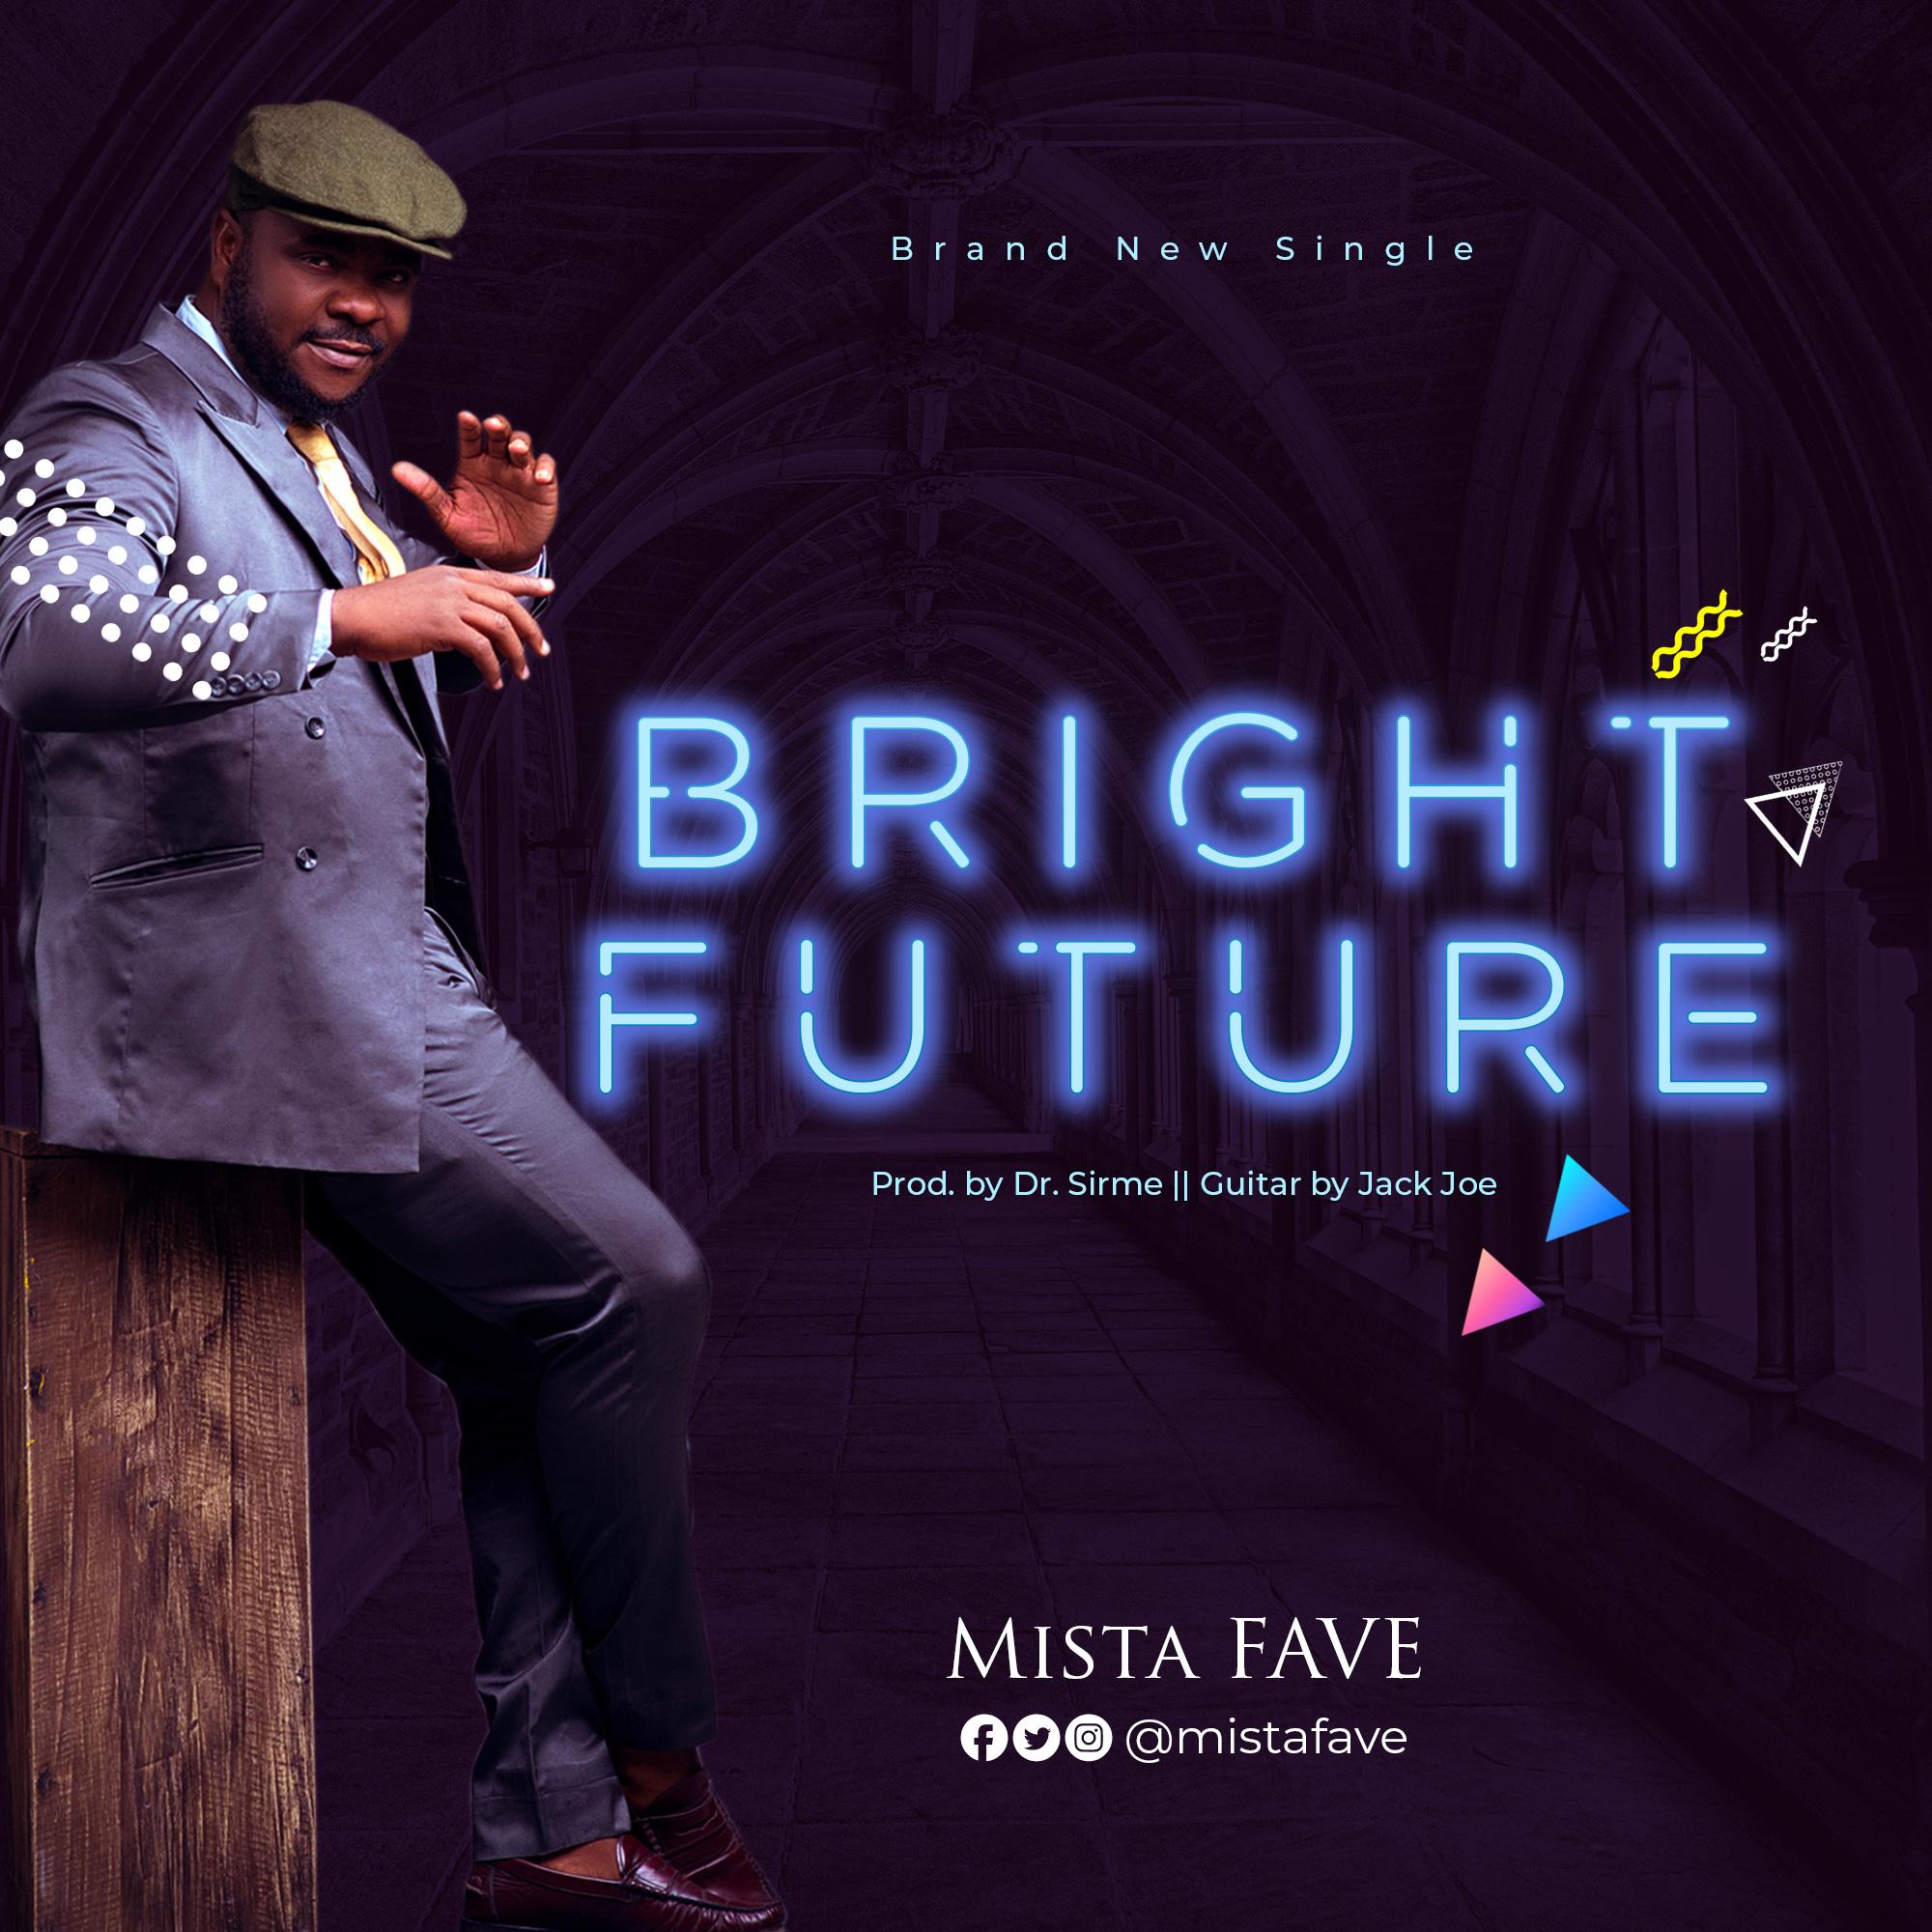 DOWNLOAD MP3: Mista Fave - Bright Future